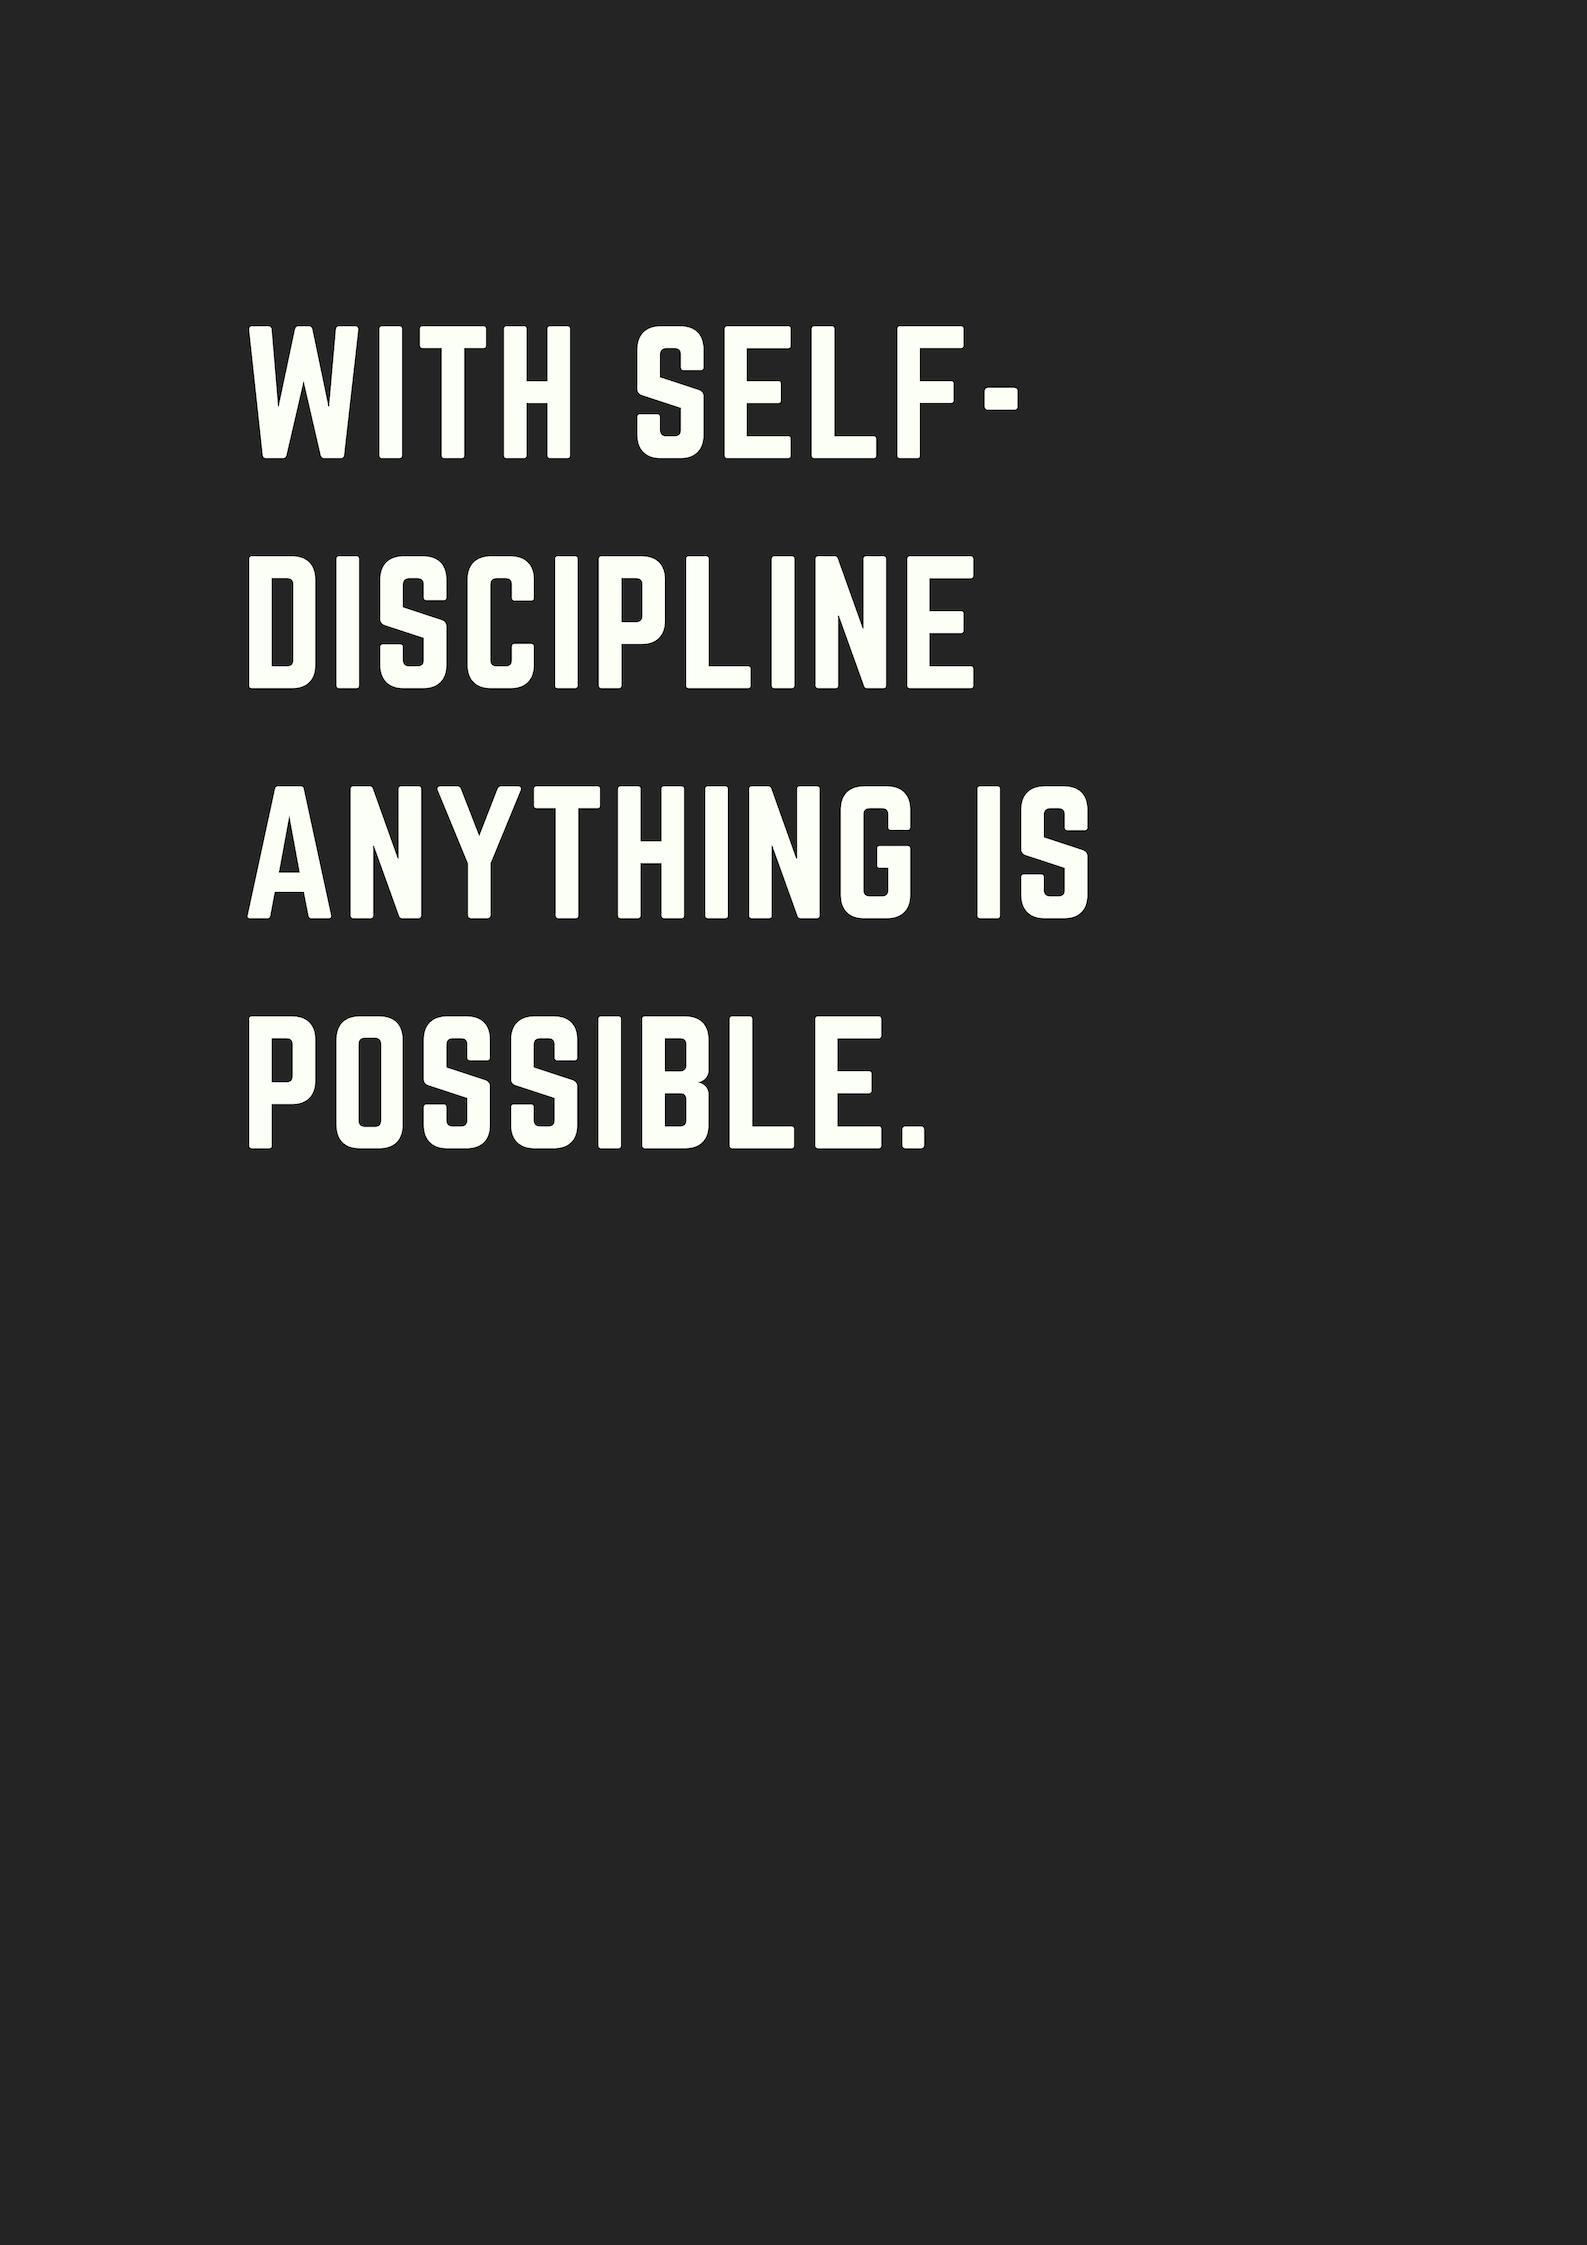 Quote About Discipline : quote, about, discipline, Motivational, Quotes, Success